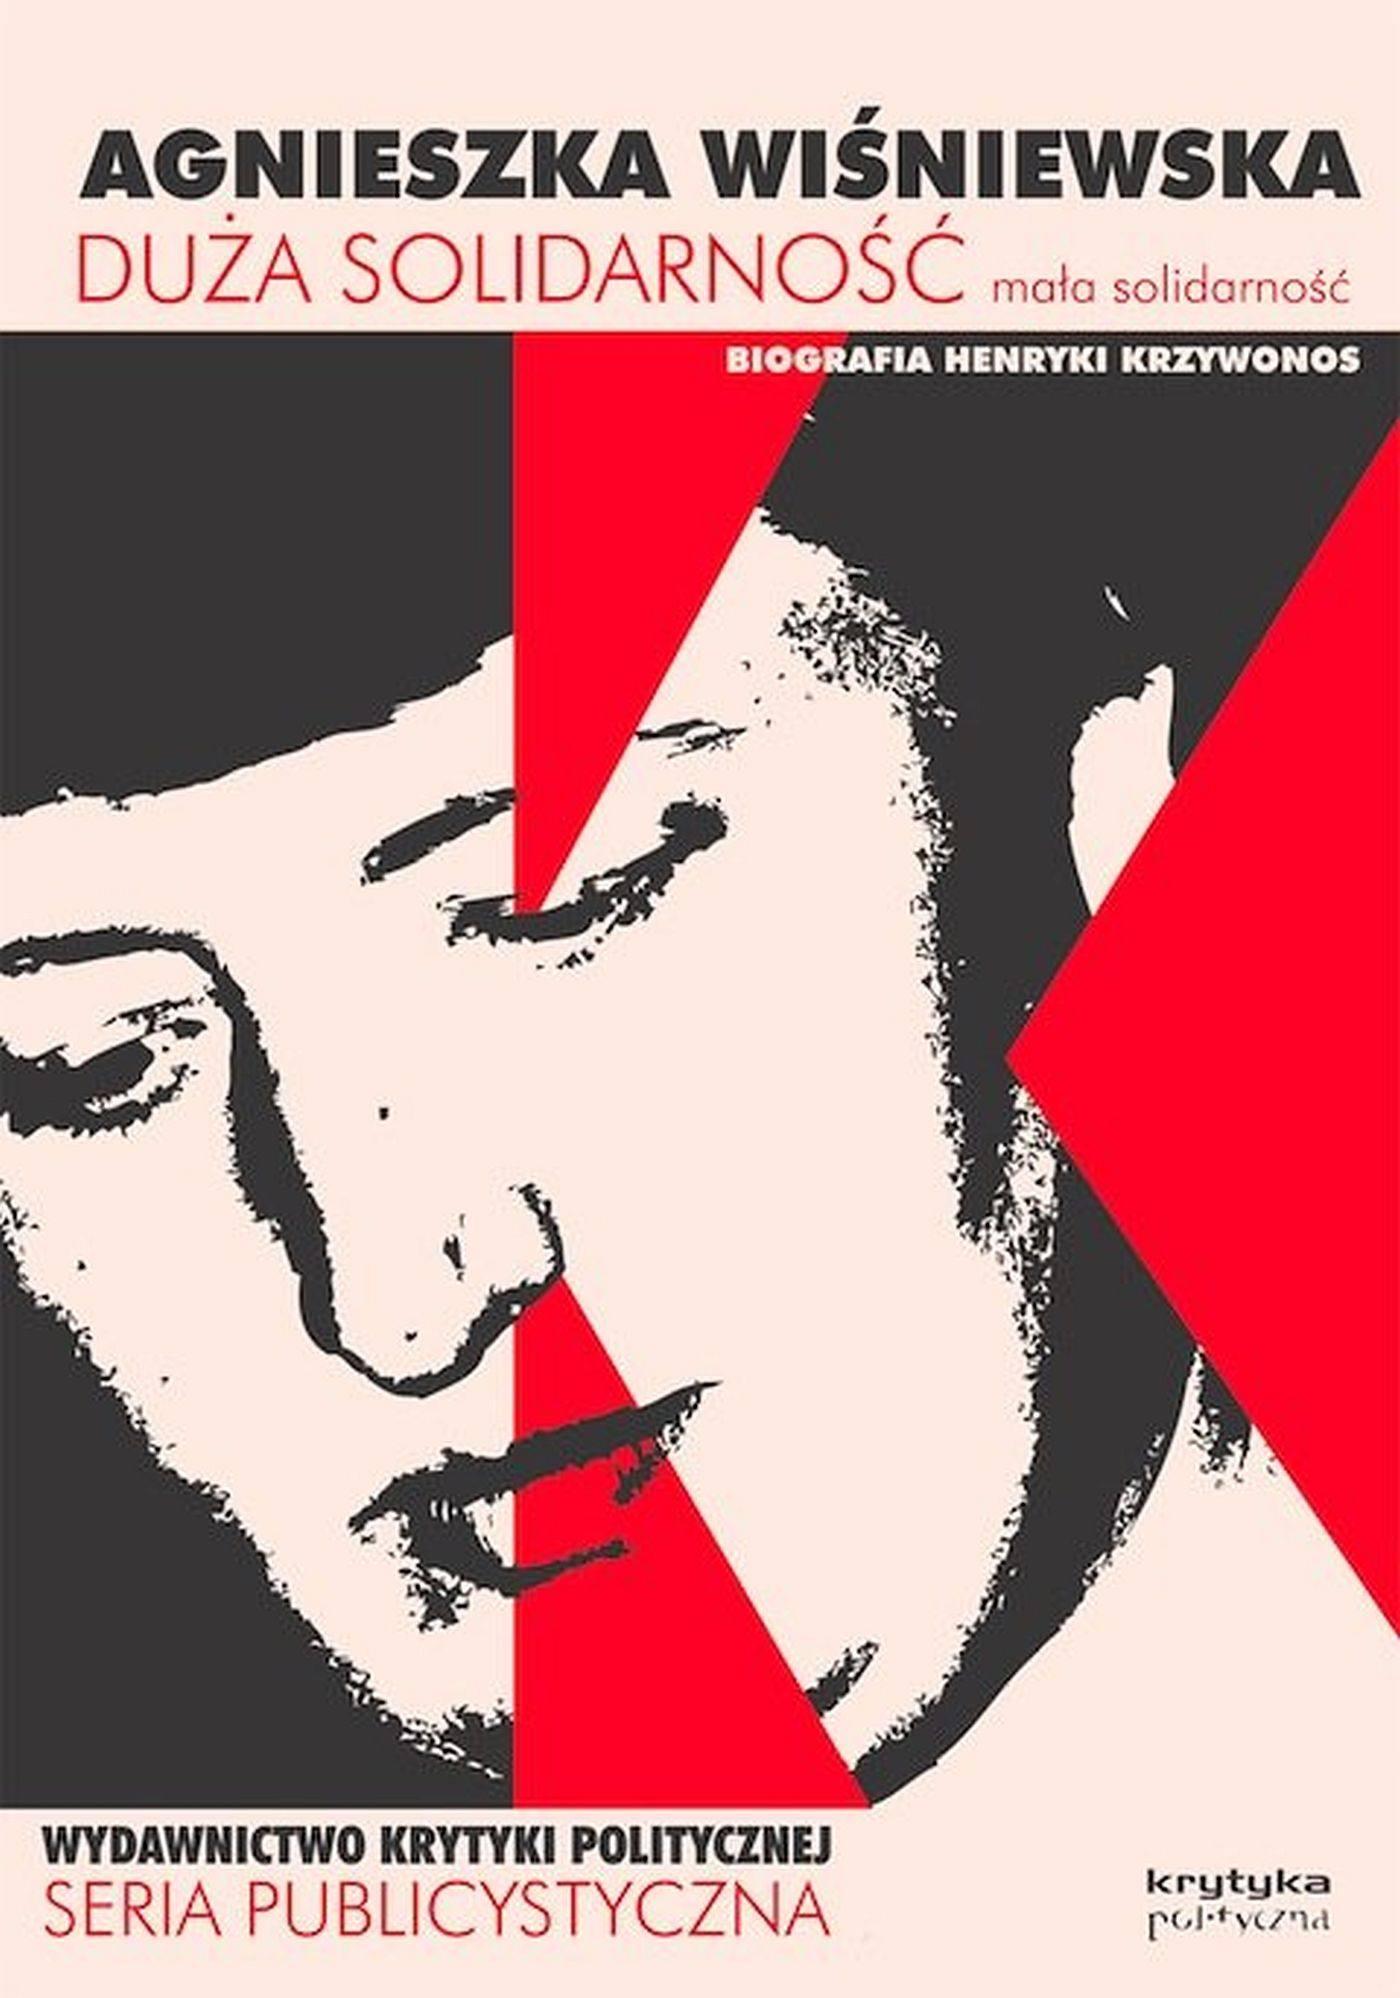 Duża solidarność, mała solidarność. Biografia Henryki Krzywonos - Ebook (Książka EPUB) do pobrania w formacie EPUB